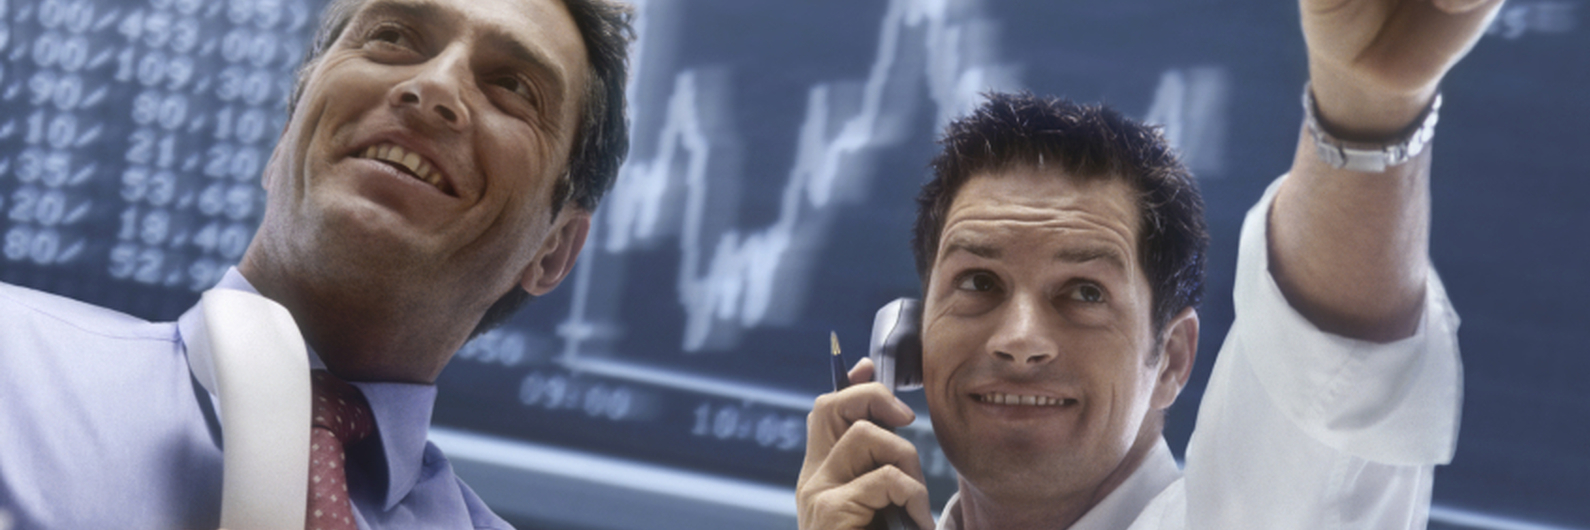 Wall Street em alta, petróleo em queda